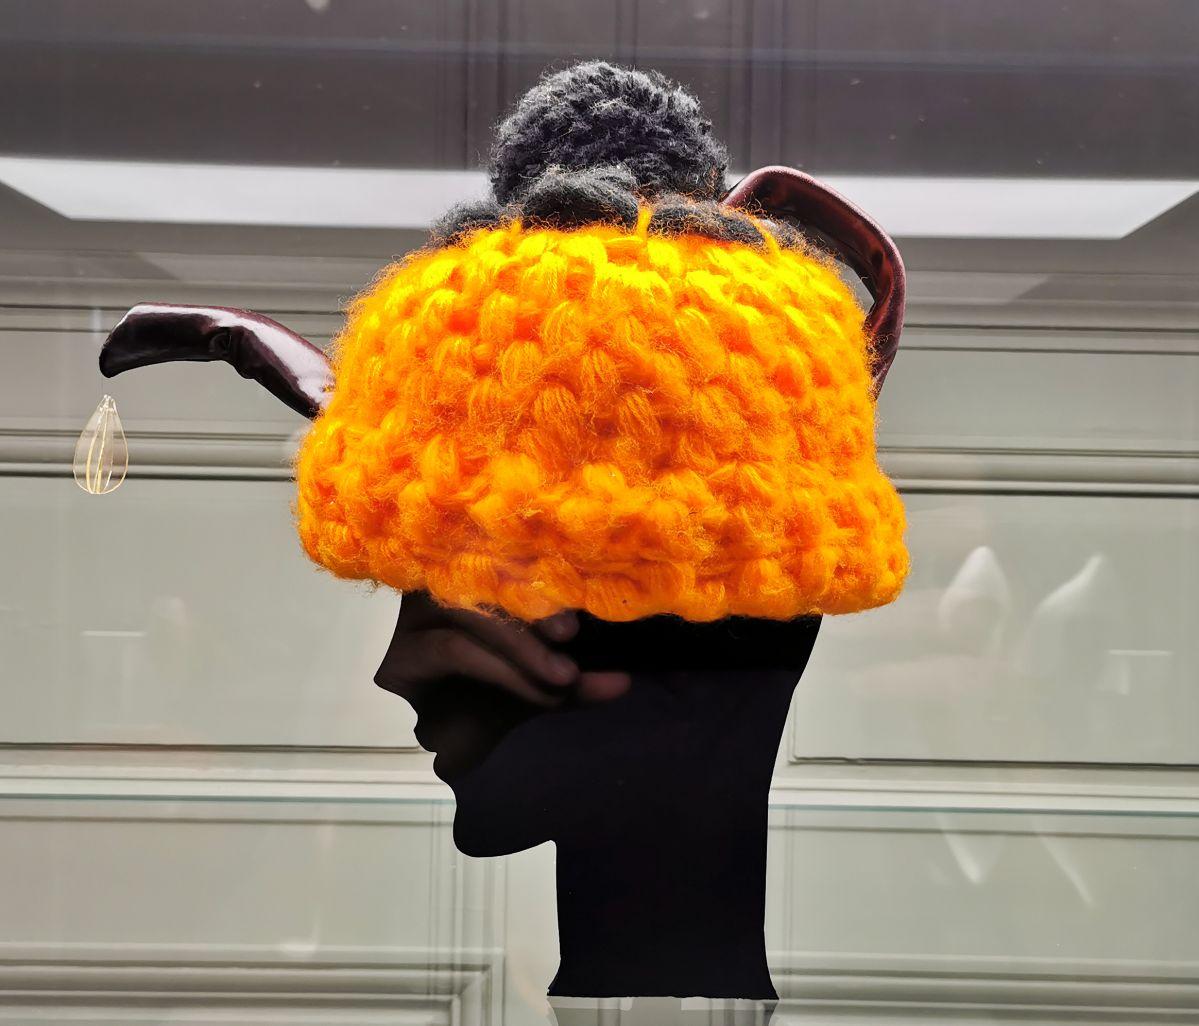 Jean-Remy Daumas - Bonnet, Automne - Hiver 1985-1986 - L'héritage surréaliste dans la mode au Château Borély - Grand Salon - Accessoiresa